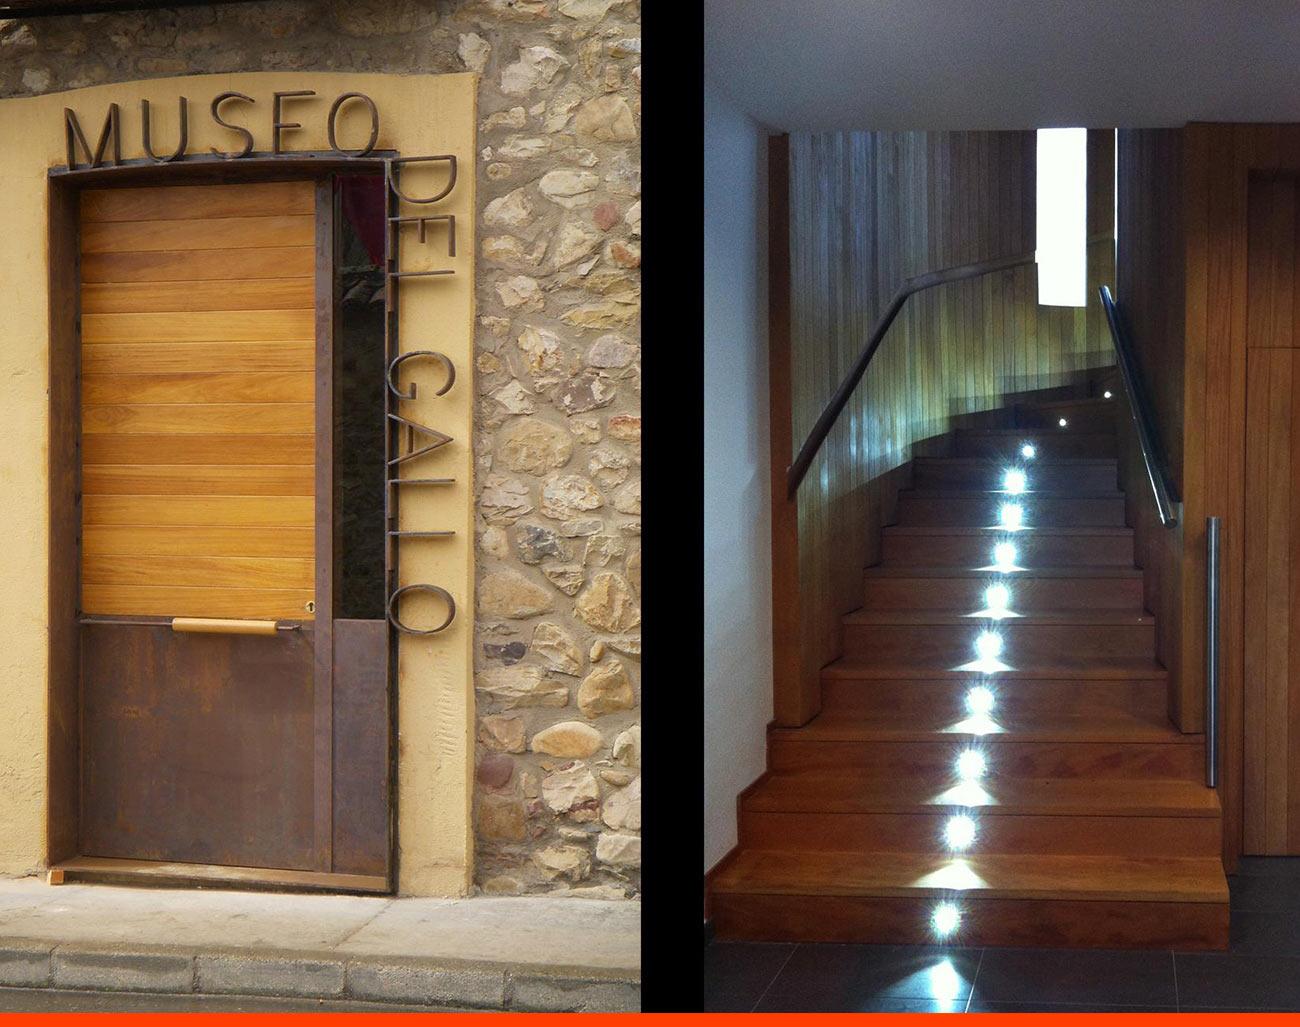 Museo del Gallo